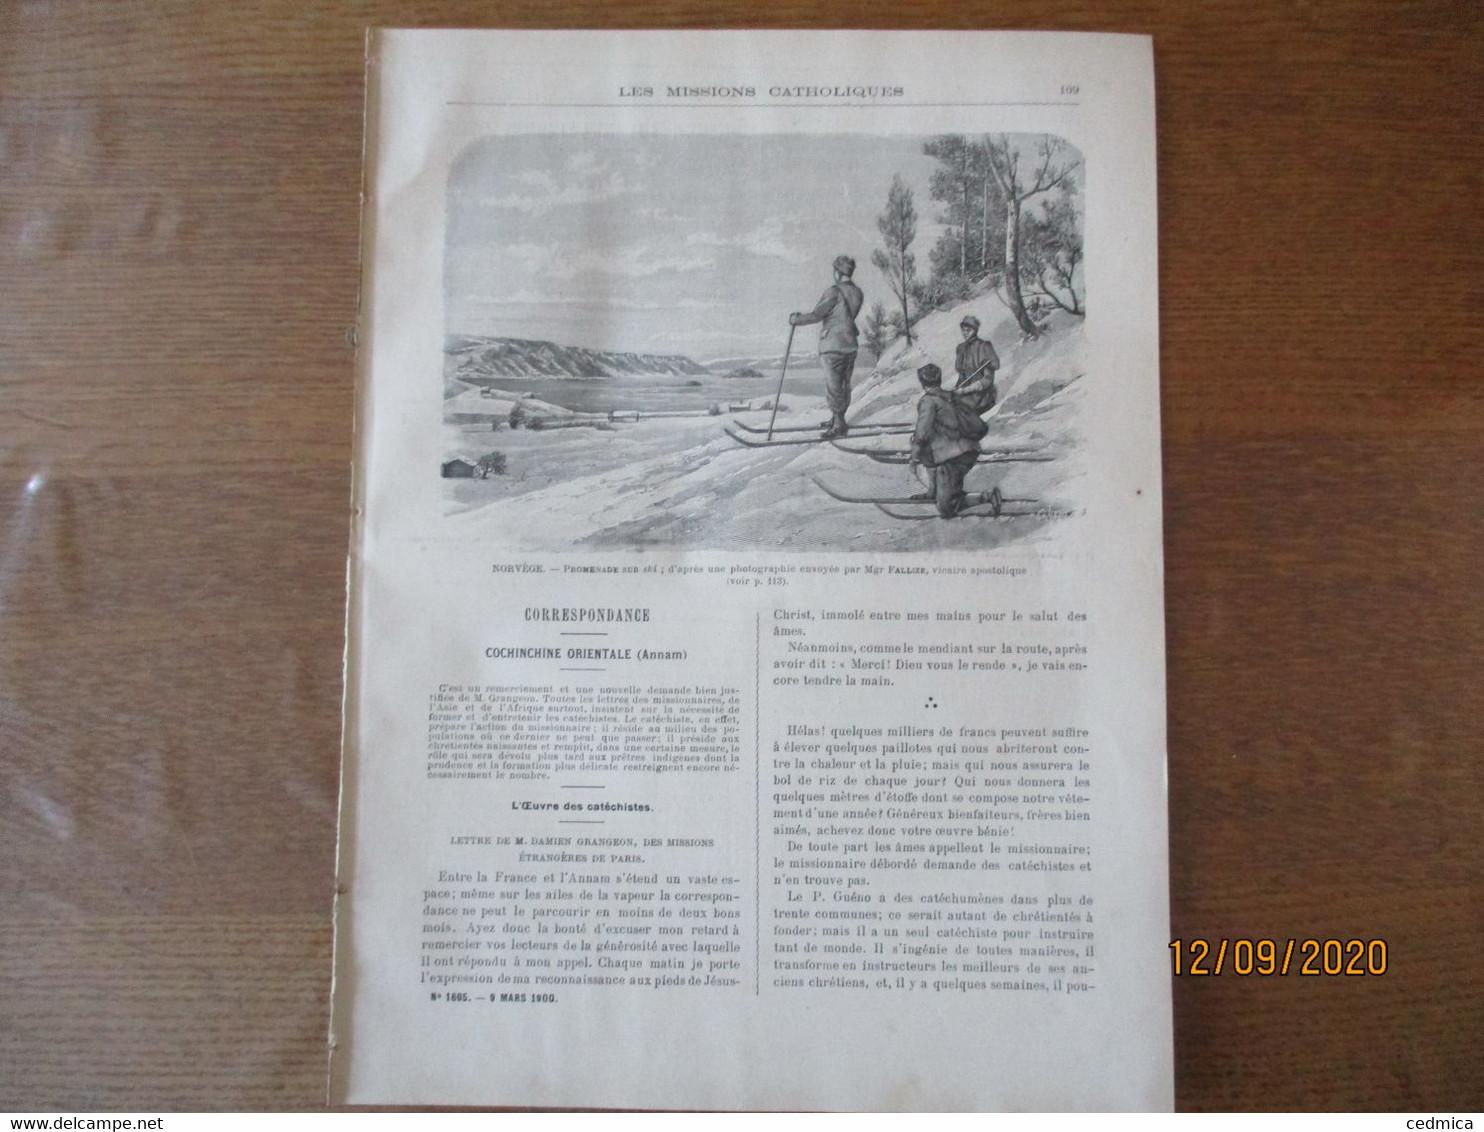 LES MISSIONS CATHOLIQUES DU 9 MARS 1900 COCHINCHINE ORIENTALE (ANNAM),INAUGURATION DE LA STATUE DU CARDINAL LAVIGERIE,NO - Books, Magazines, Comics